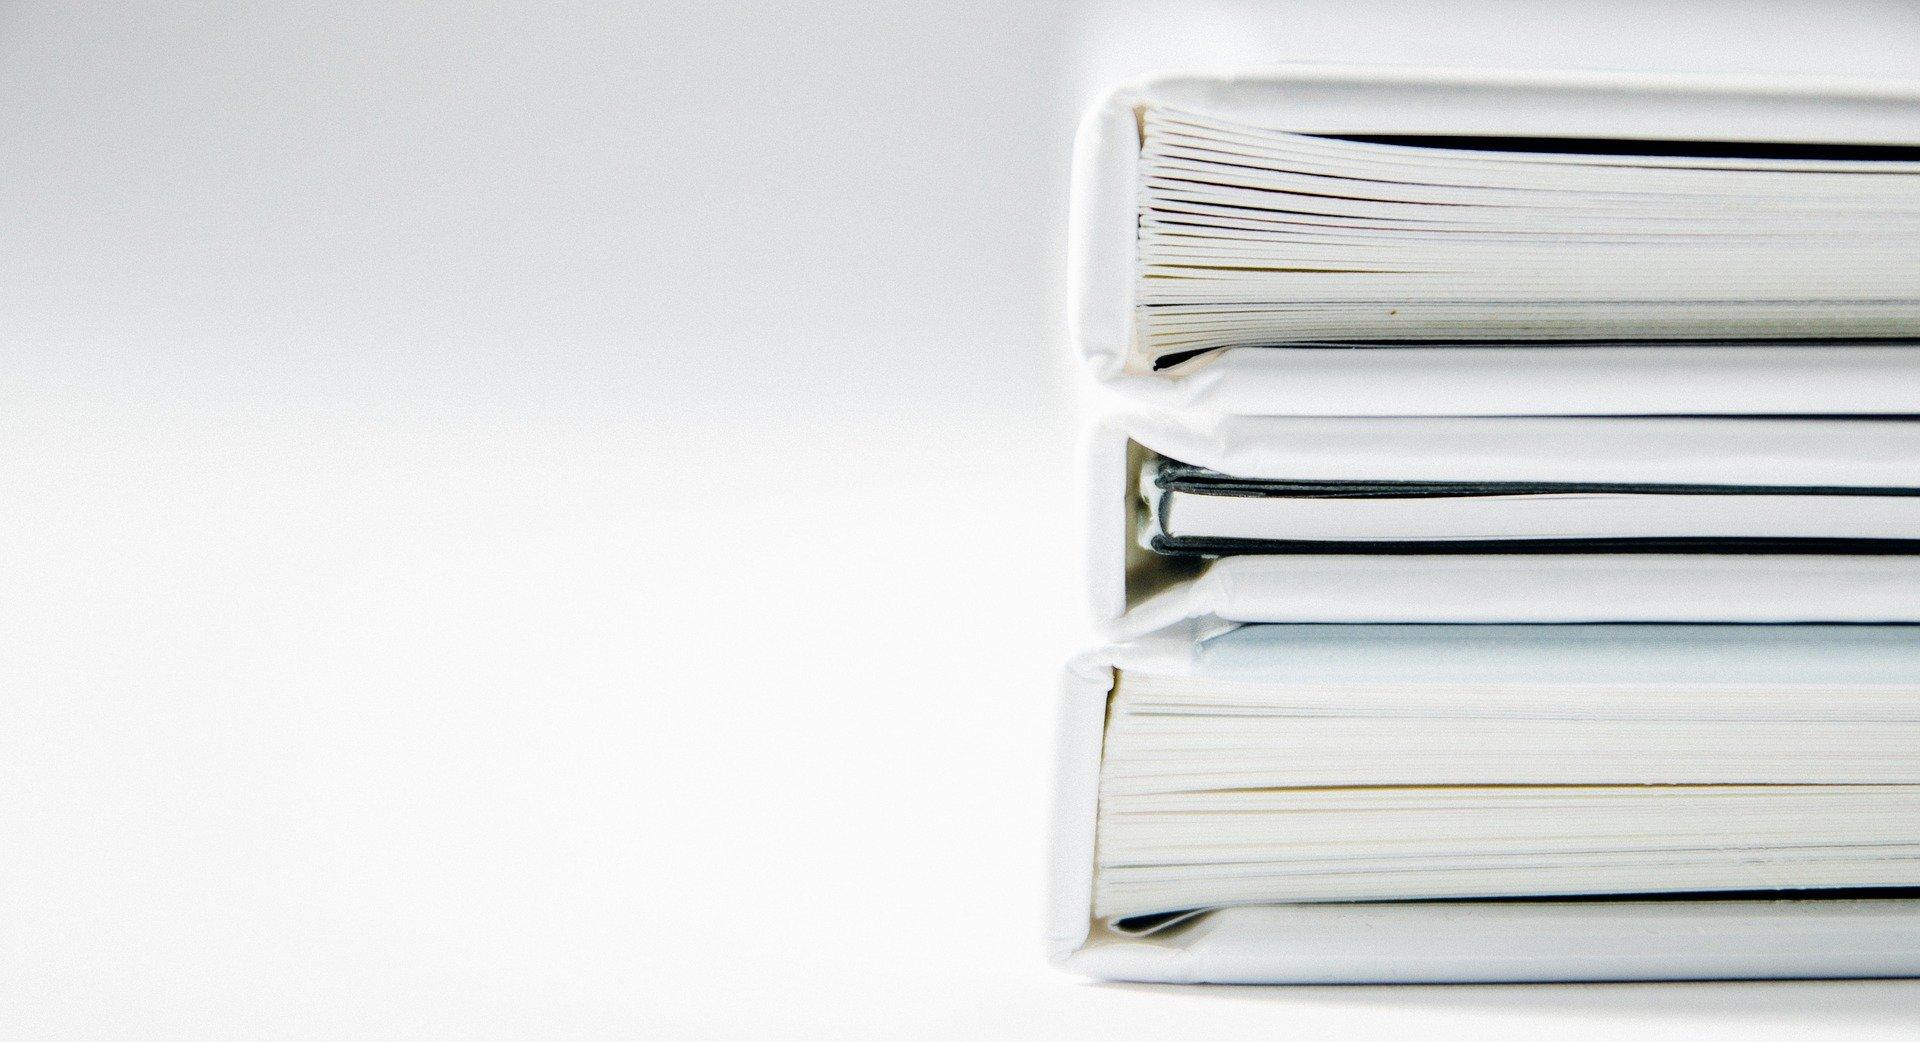 AWP: Anwärterprojekt zur Optimierung des Wissensmanagements